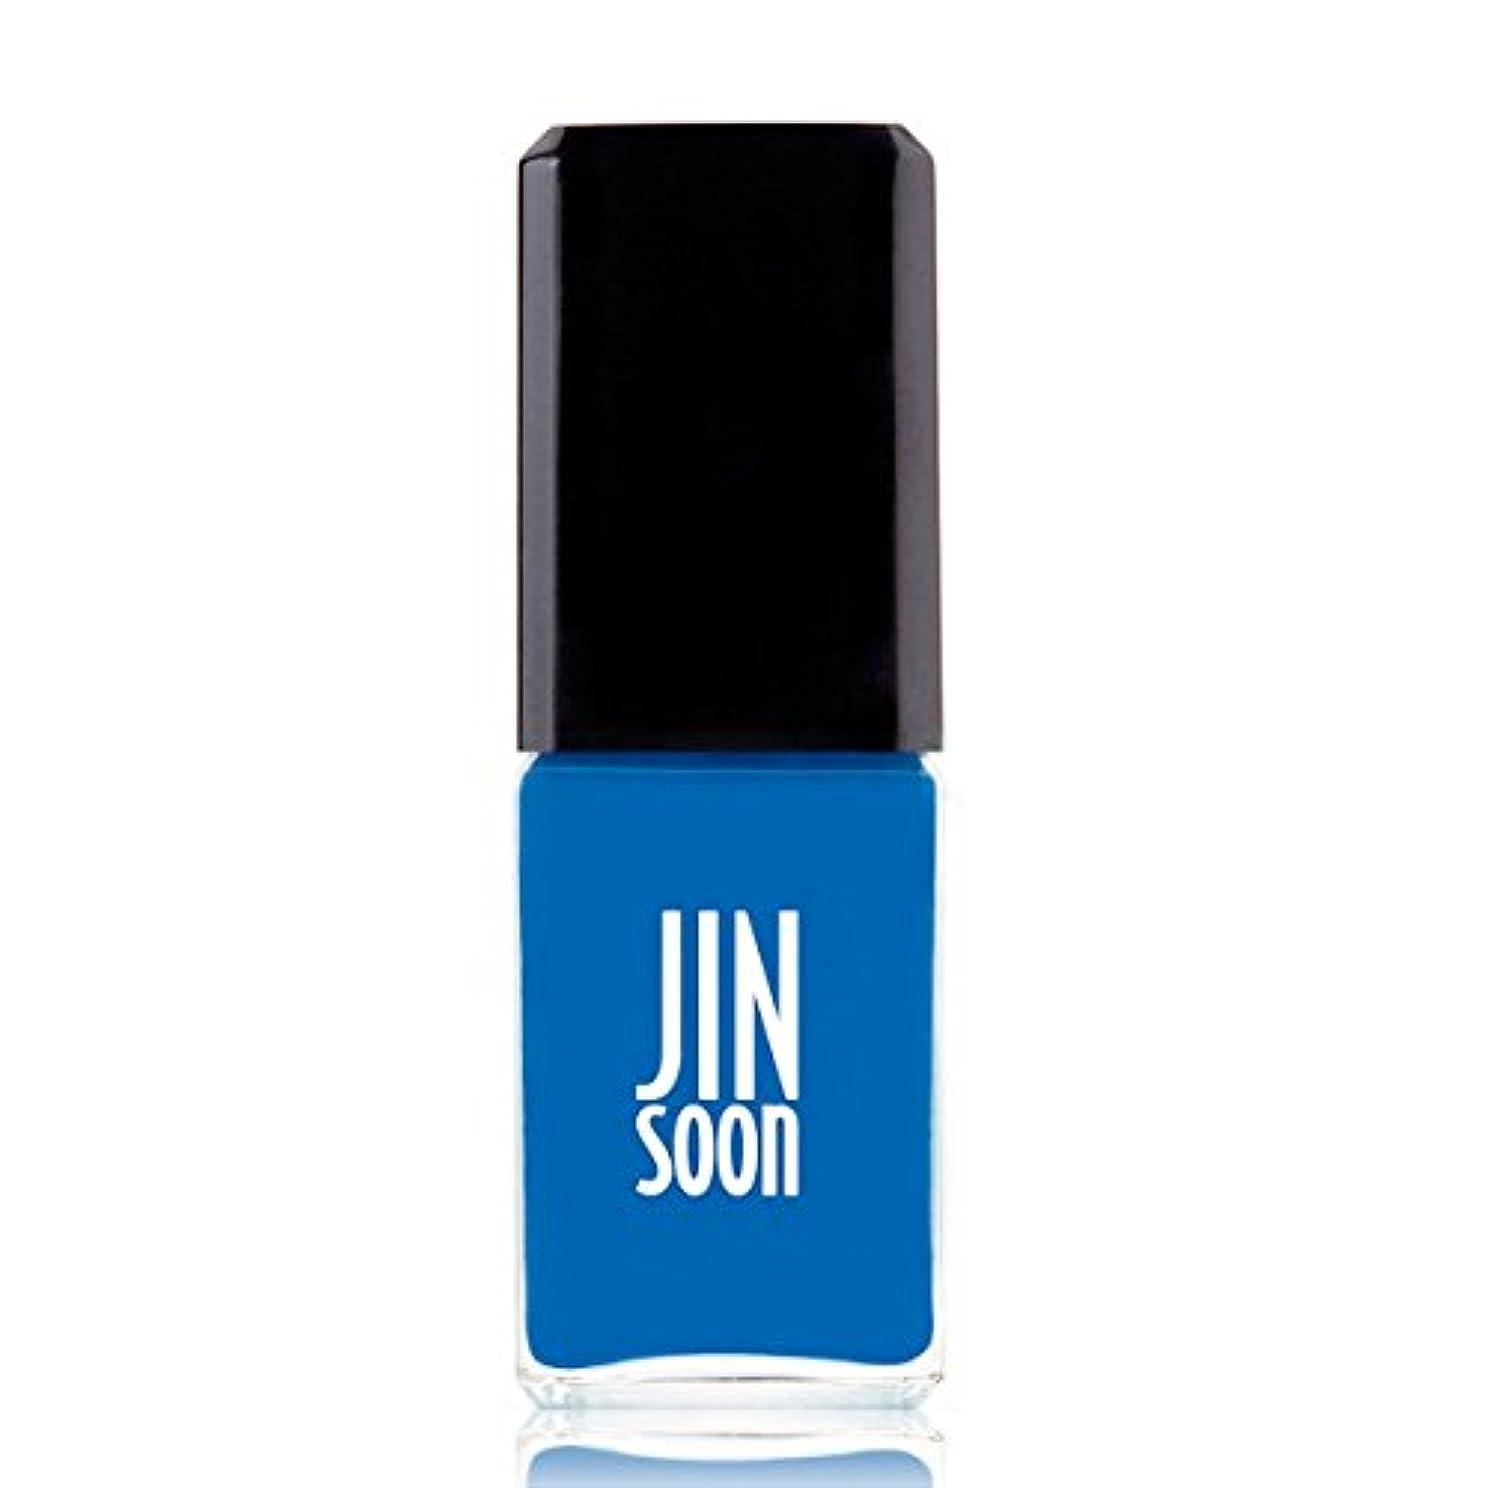 横向き分散小人[ジンスーン] [ jinsoon] クールブルー (セルリアンブルー)COOL BLUE ジンスーン 5フリー ネイルポリッシュ【ブルー】 11mL